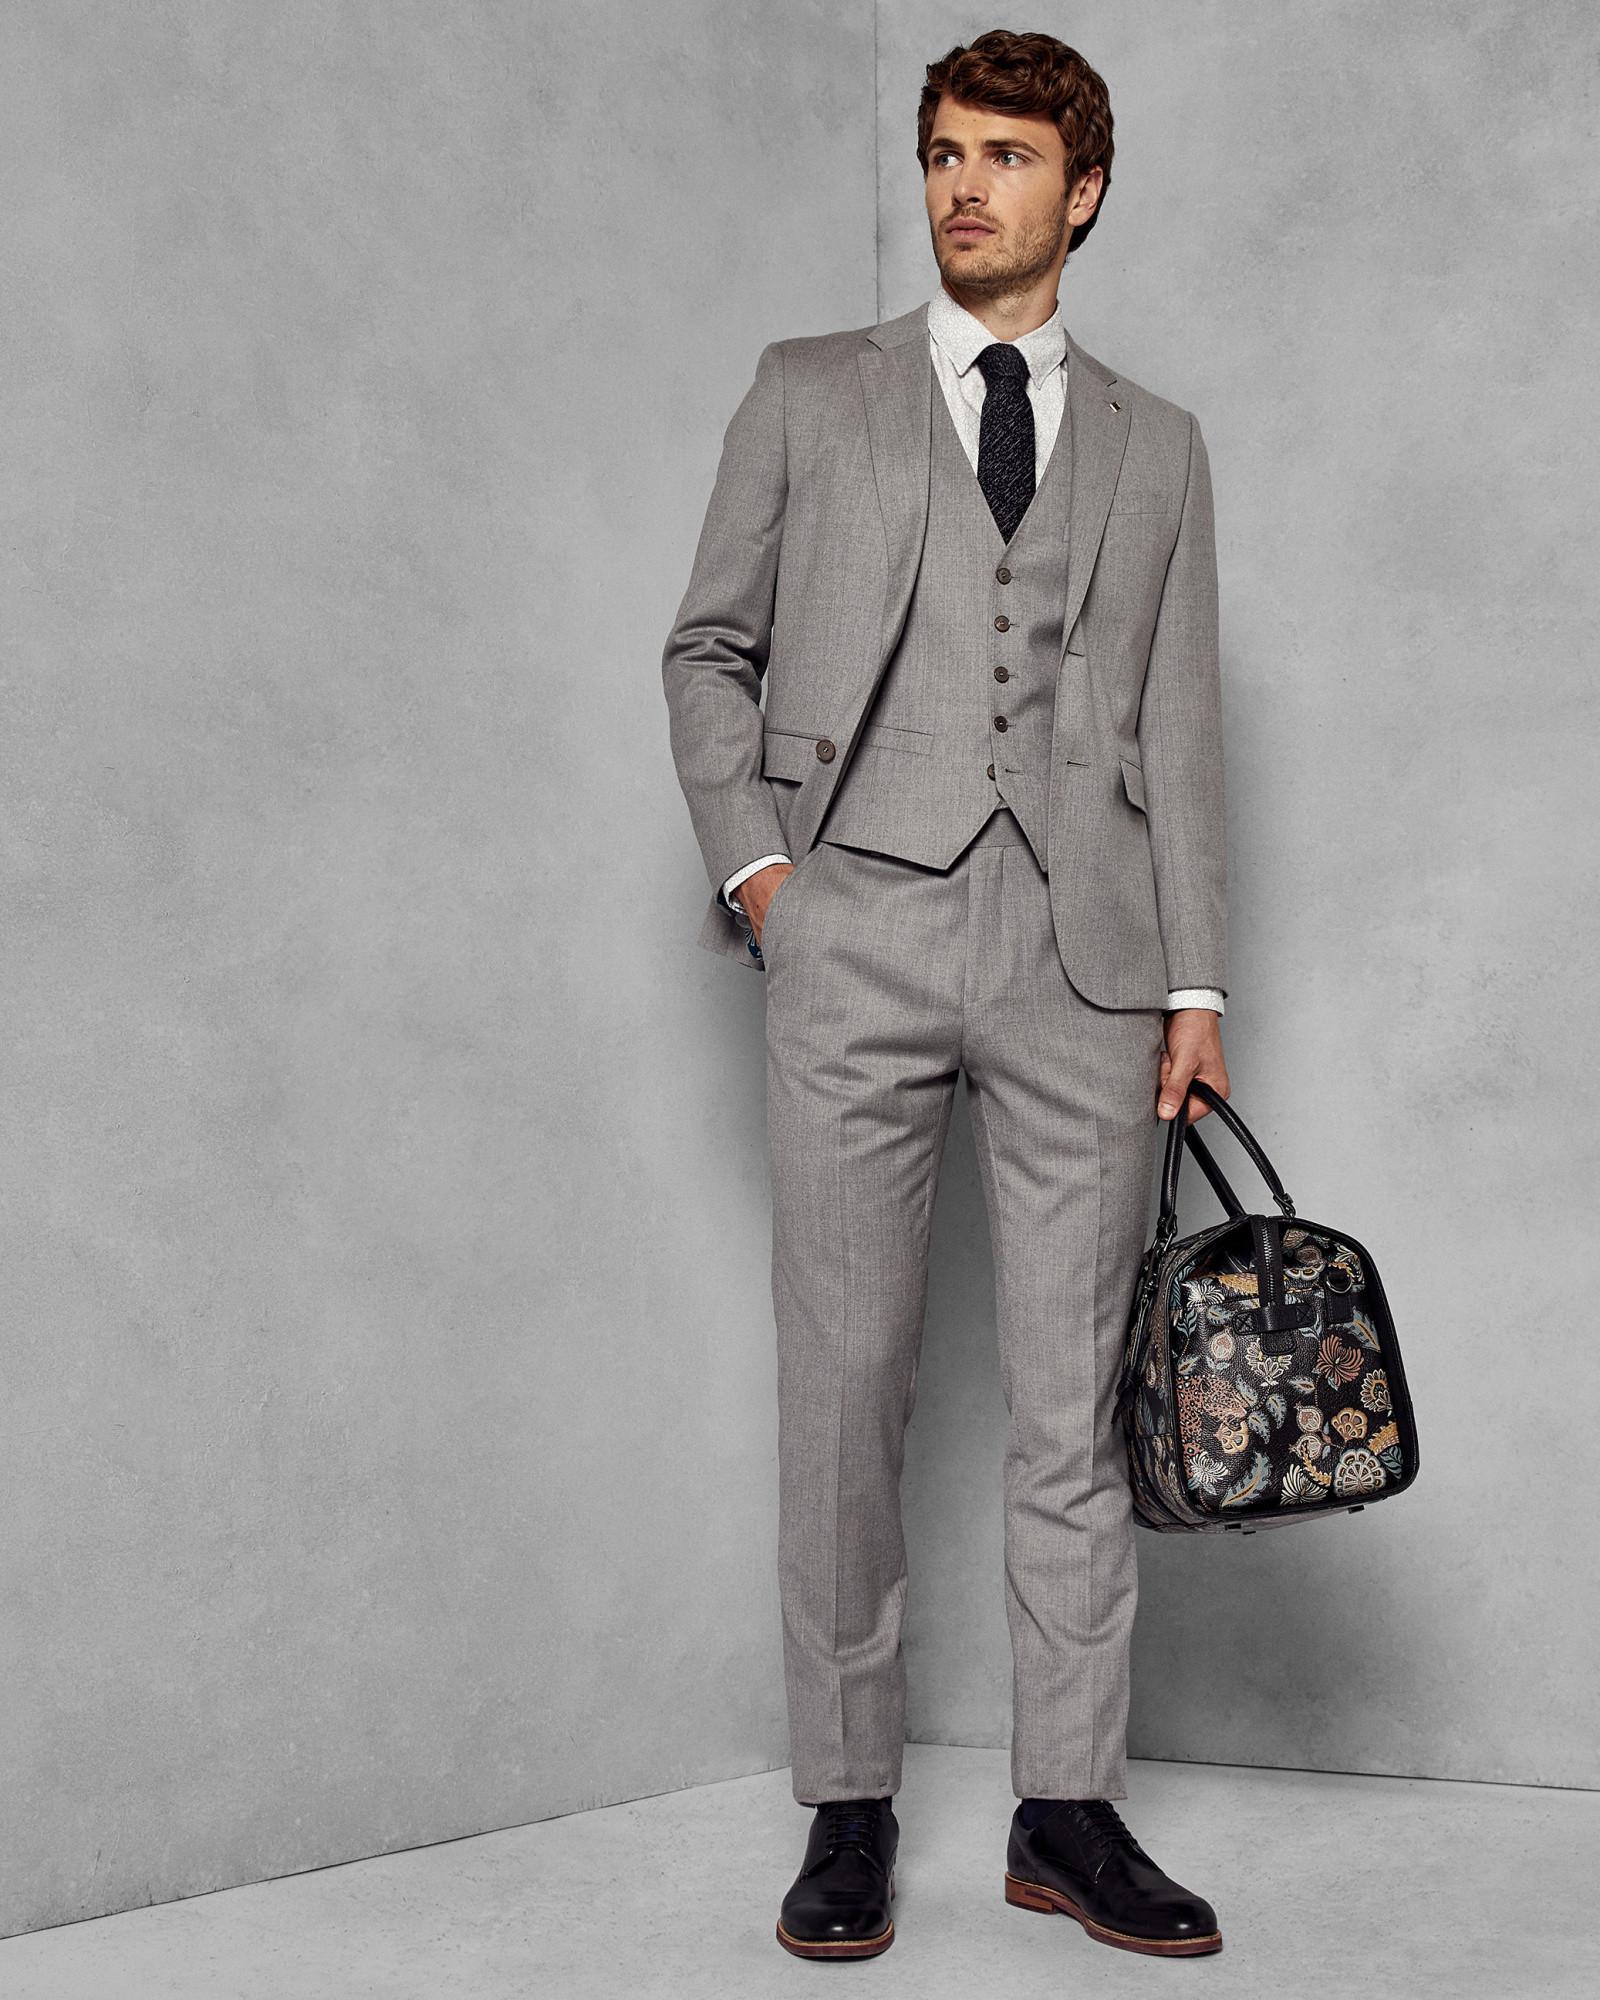 ccb75e77c65055 Ted Baker Debonair Skinny Wool Suit Jacket in Gray for Men - Lyst